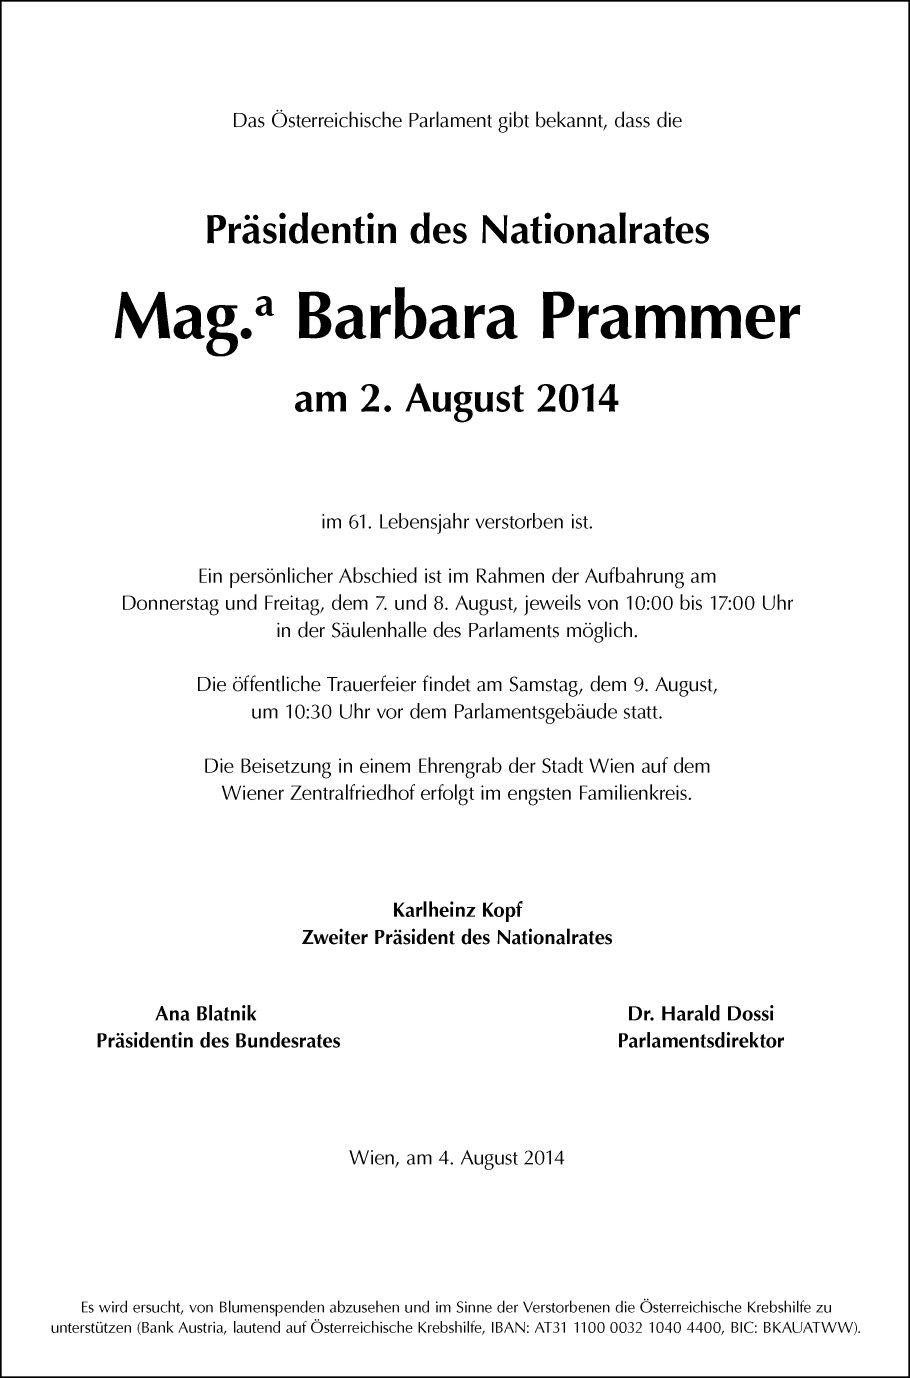 Traueranzeige Von Mag Barbara Pammer Vom 06082014